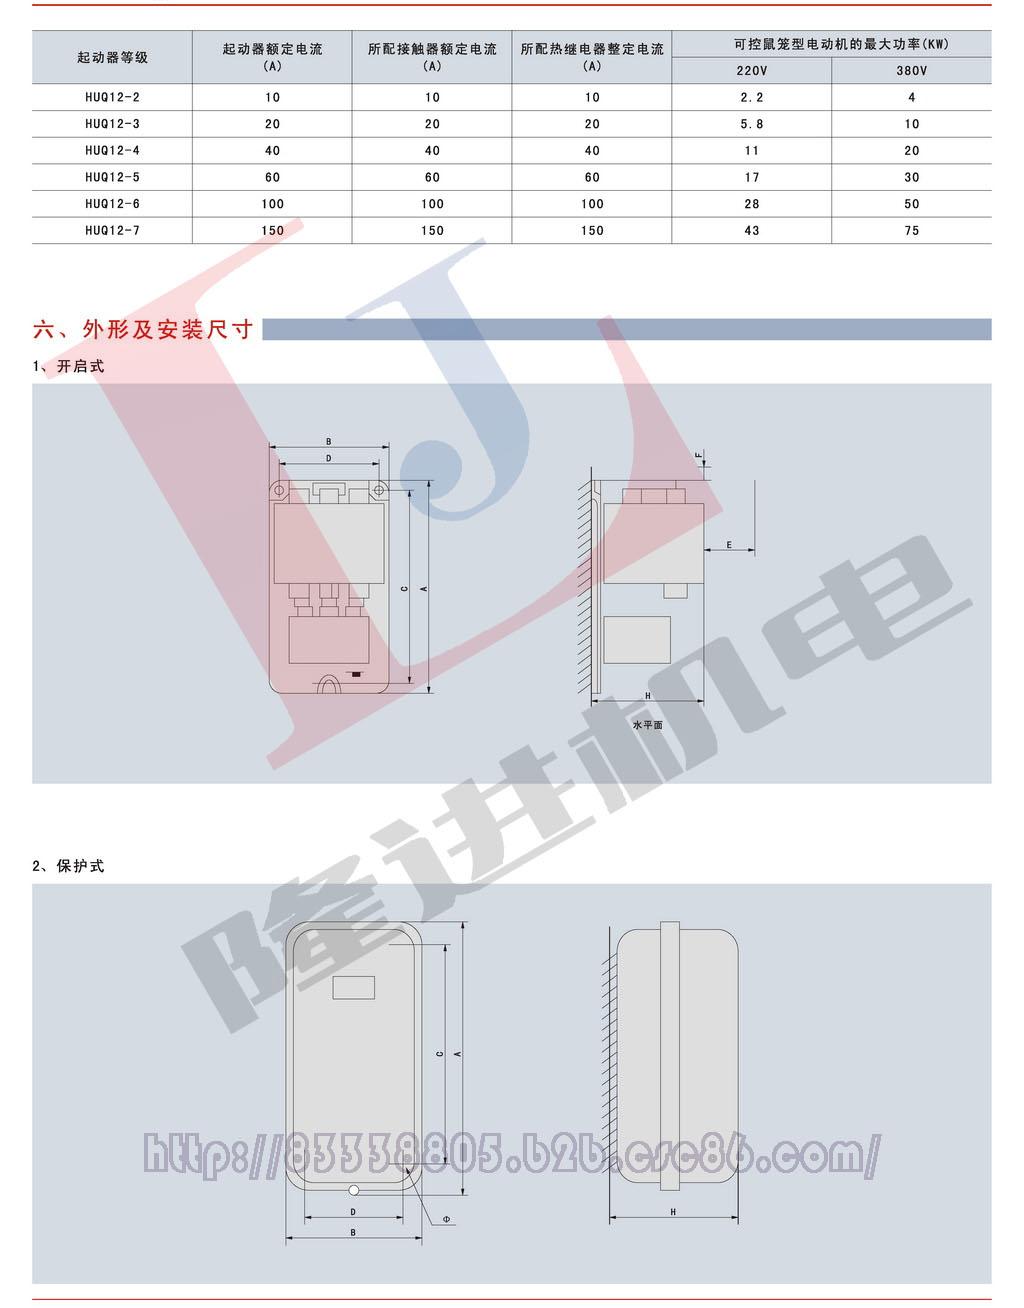 环宇HUQ12系列电磁启动器图片三